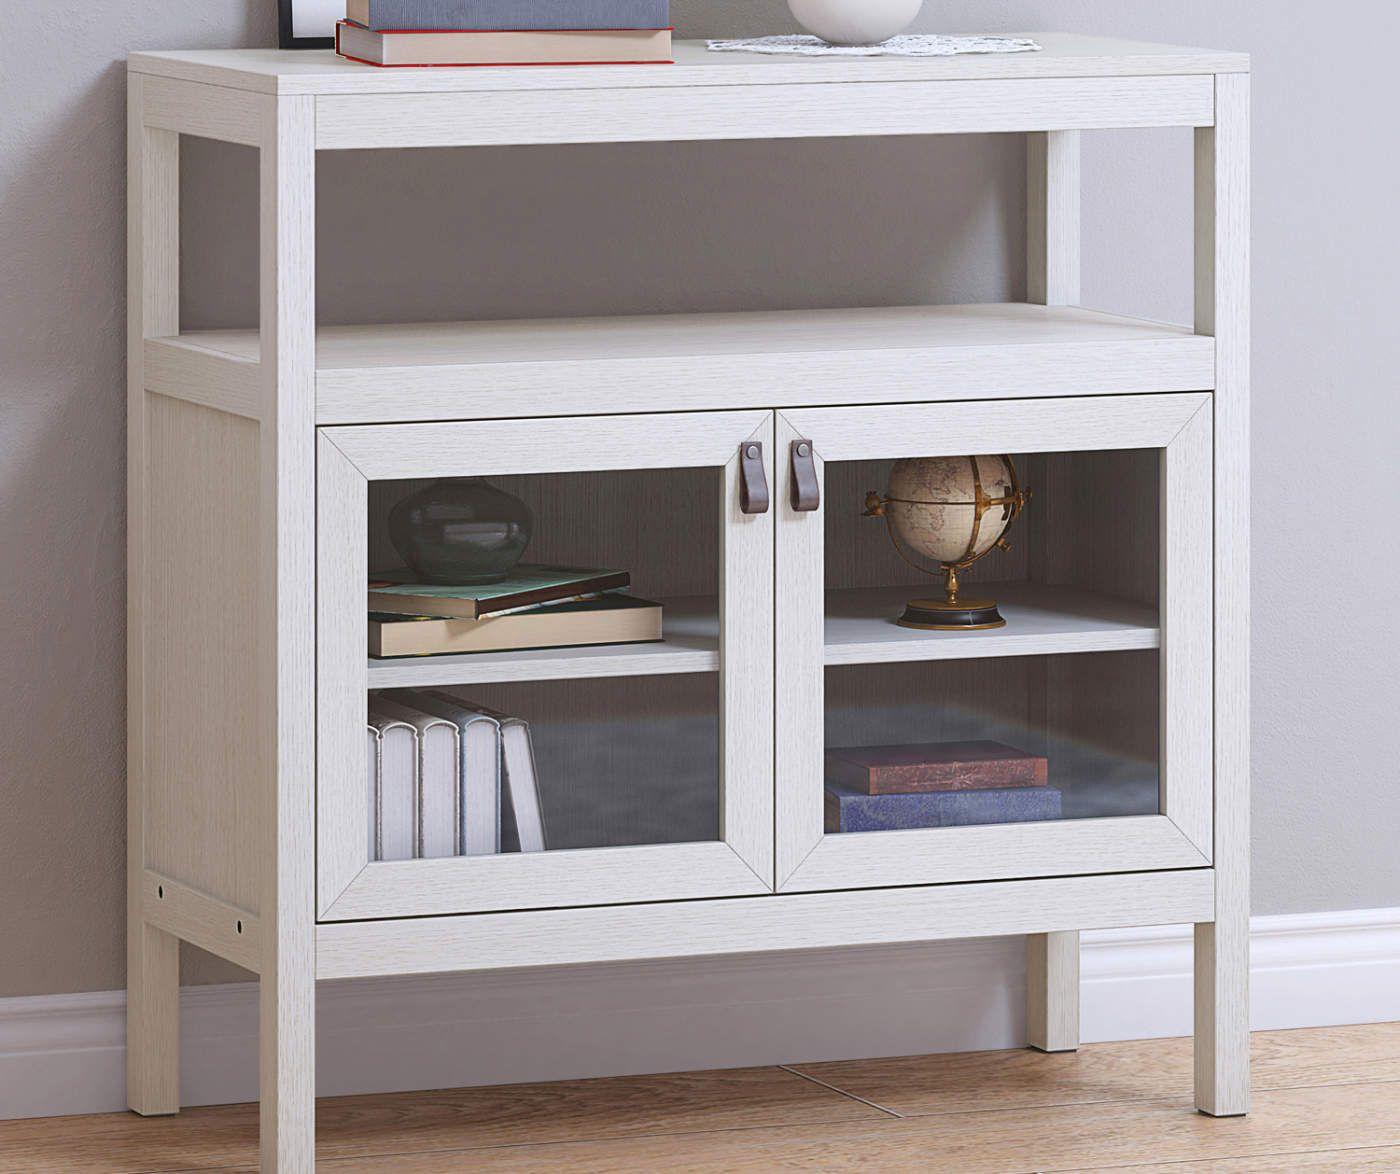 Stratford Whitewash 2 Door Storage Cabinet Big Lots In 2020 Storage Cabinet Door Storage Cabinet